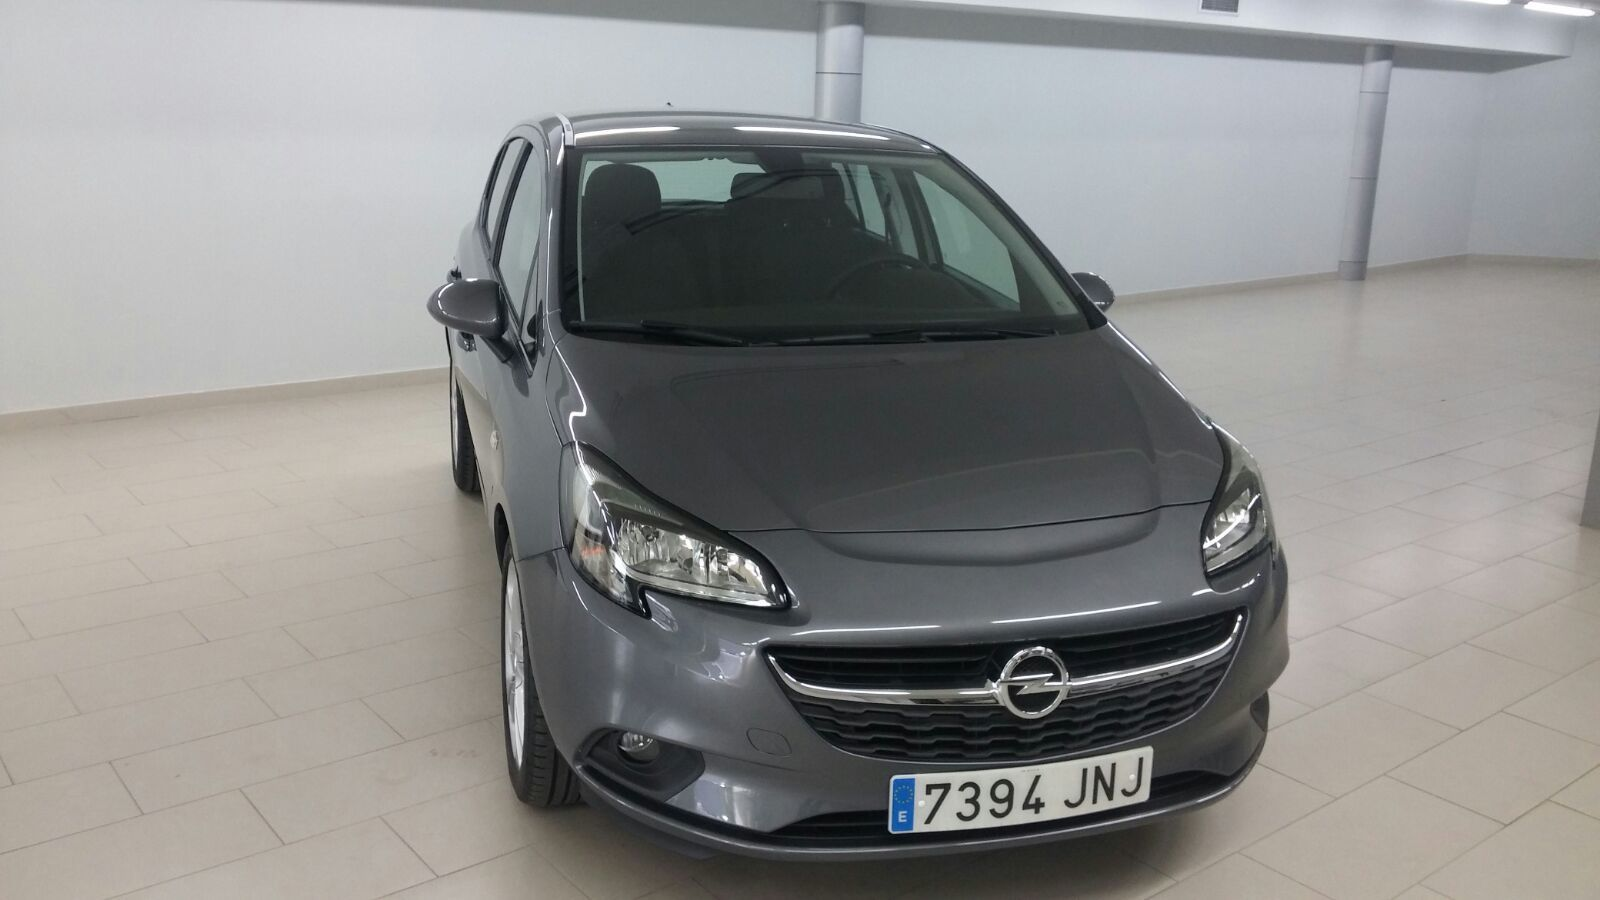 ¡¡GRAN OPORTUNIDAD!! Un Opel Corsa MTA por 12900€*